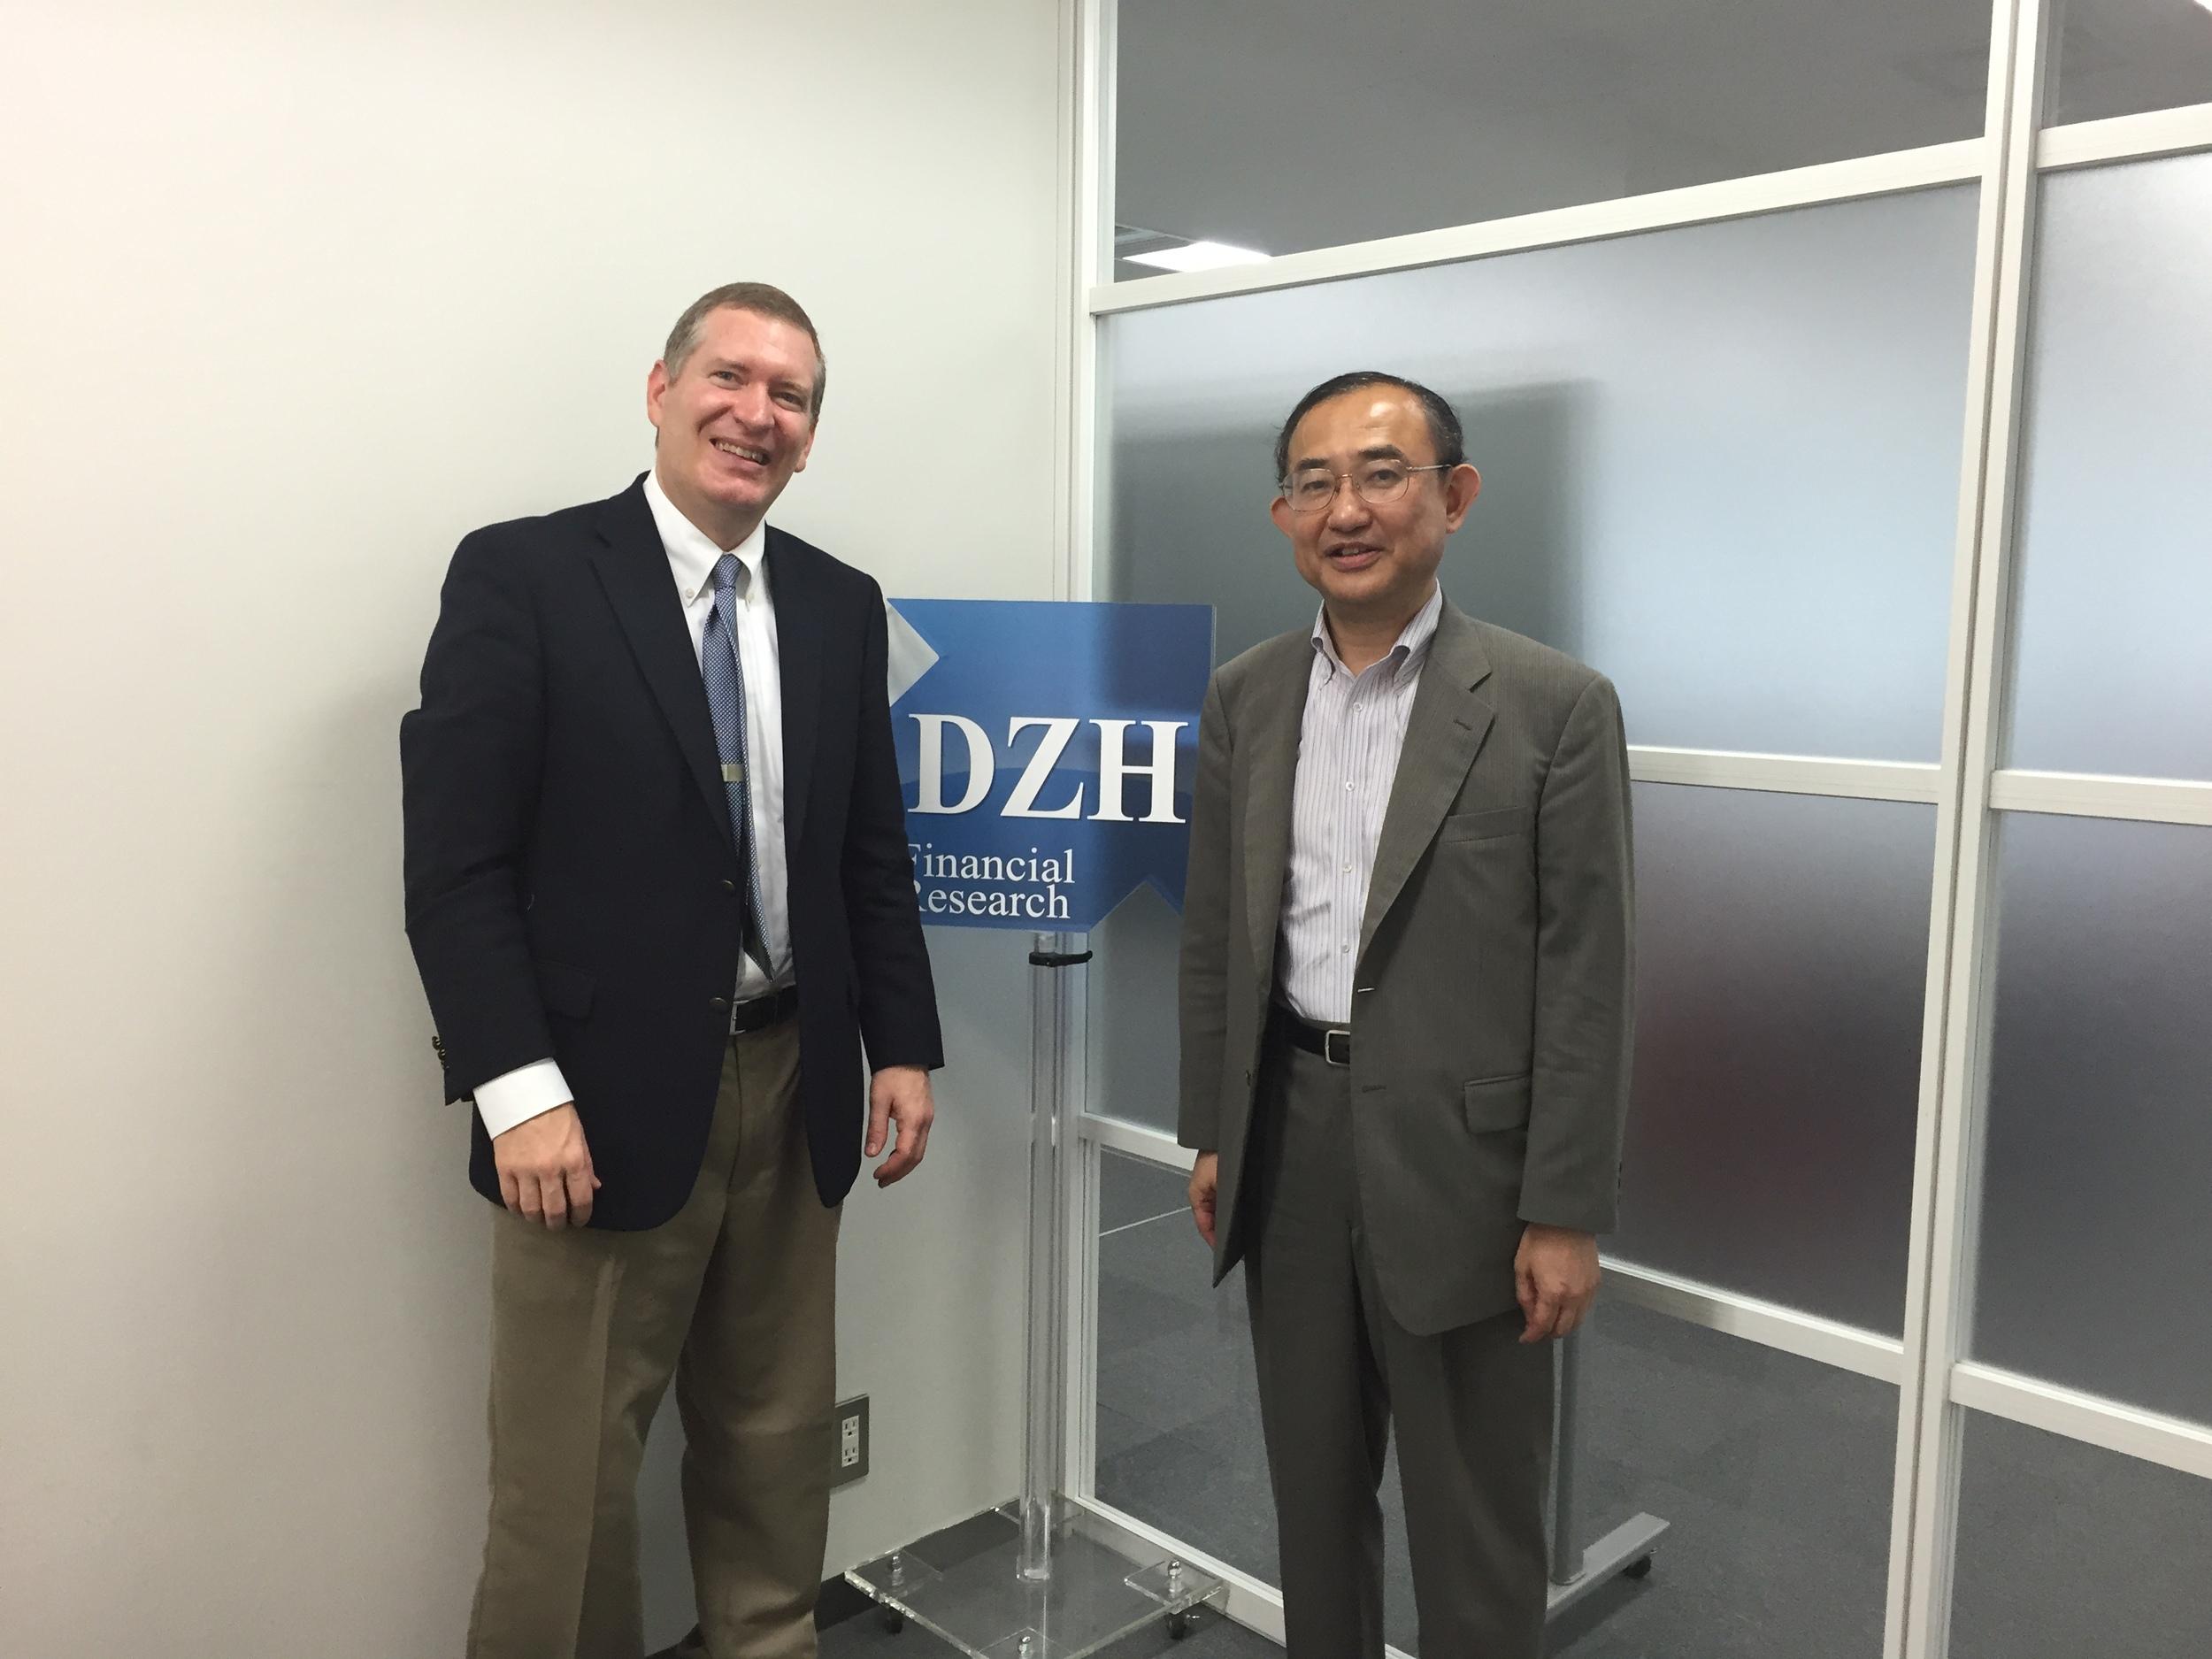 DZH - John with Fumitaka Noguchi.JPG